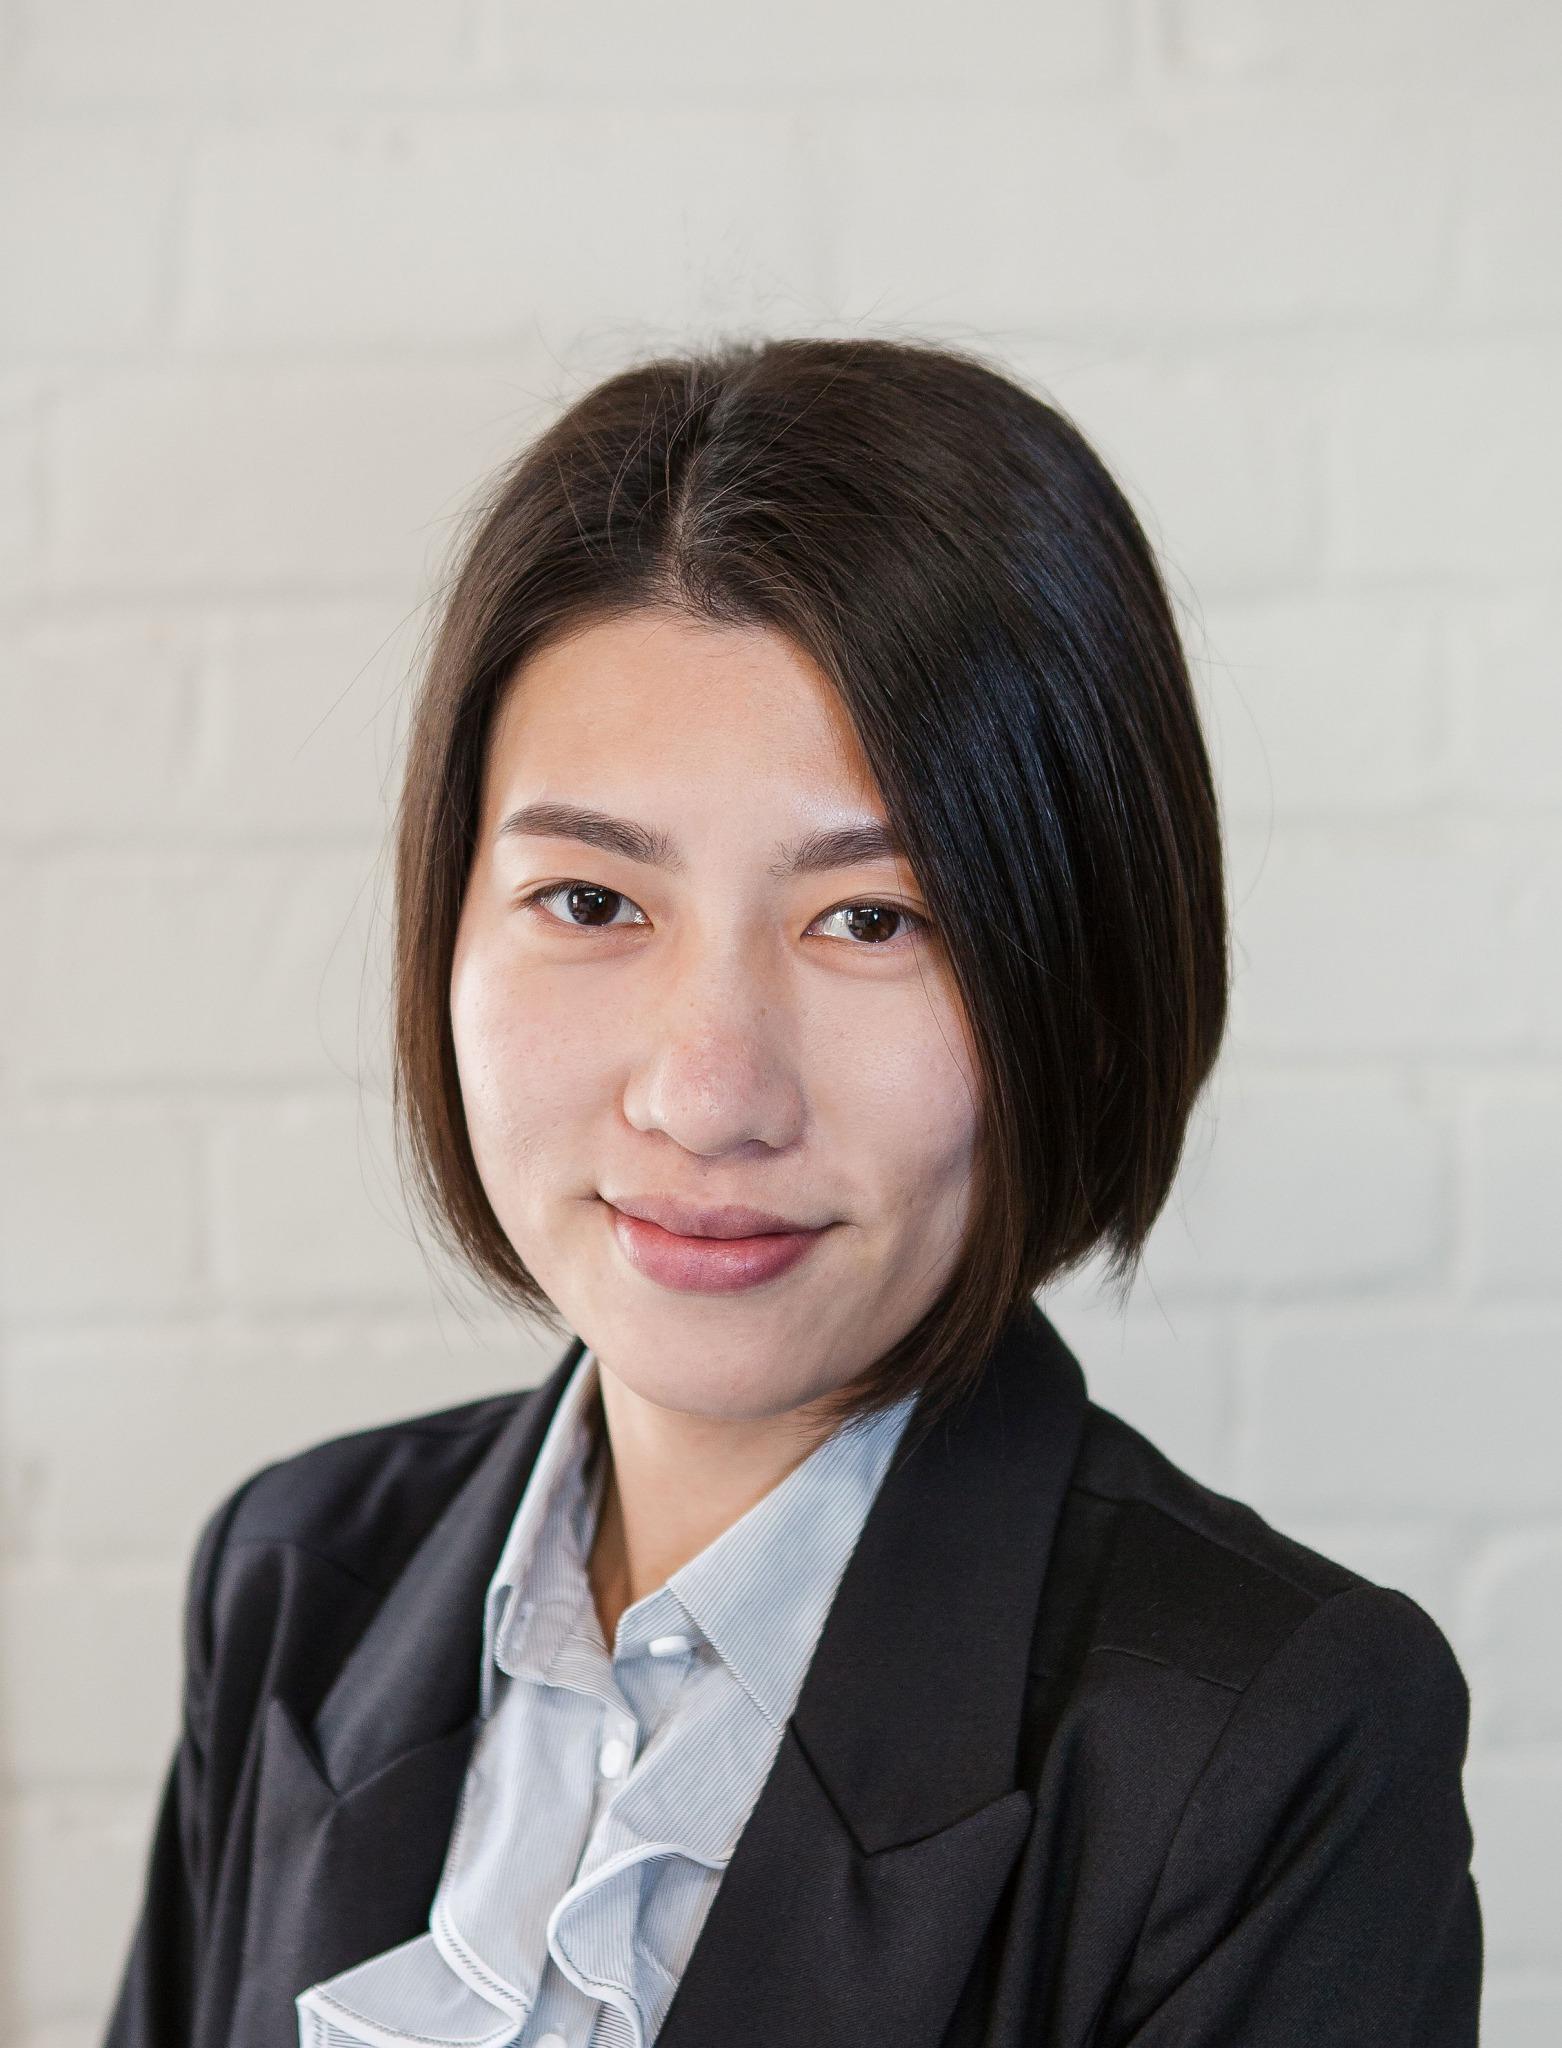 Tanya Tan